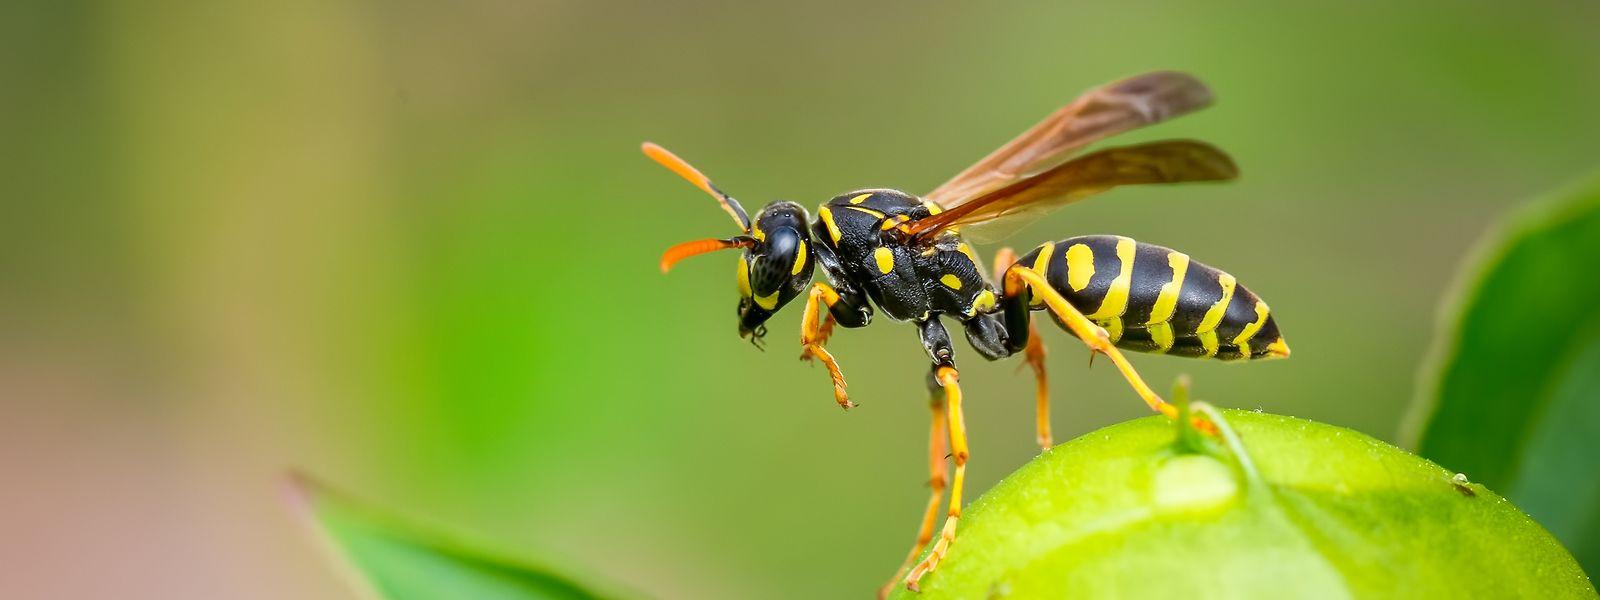 Neben Nektar, Pflanzensäften, Früchten und Fallobst fligen Wespen auch auf Gegrilltes.